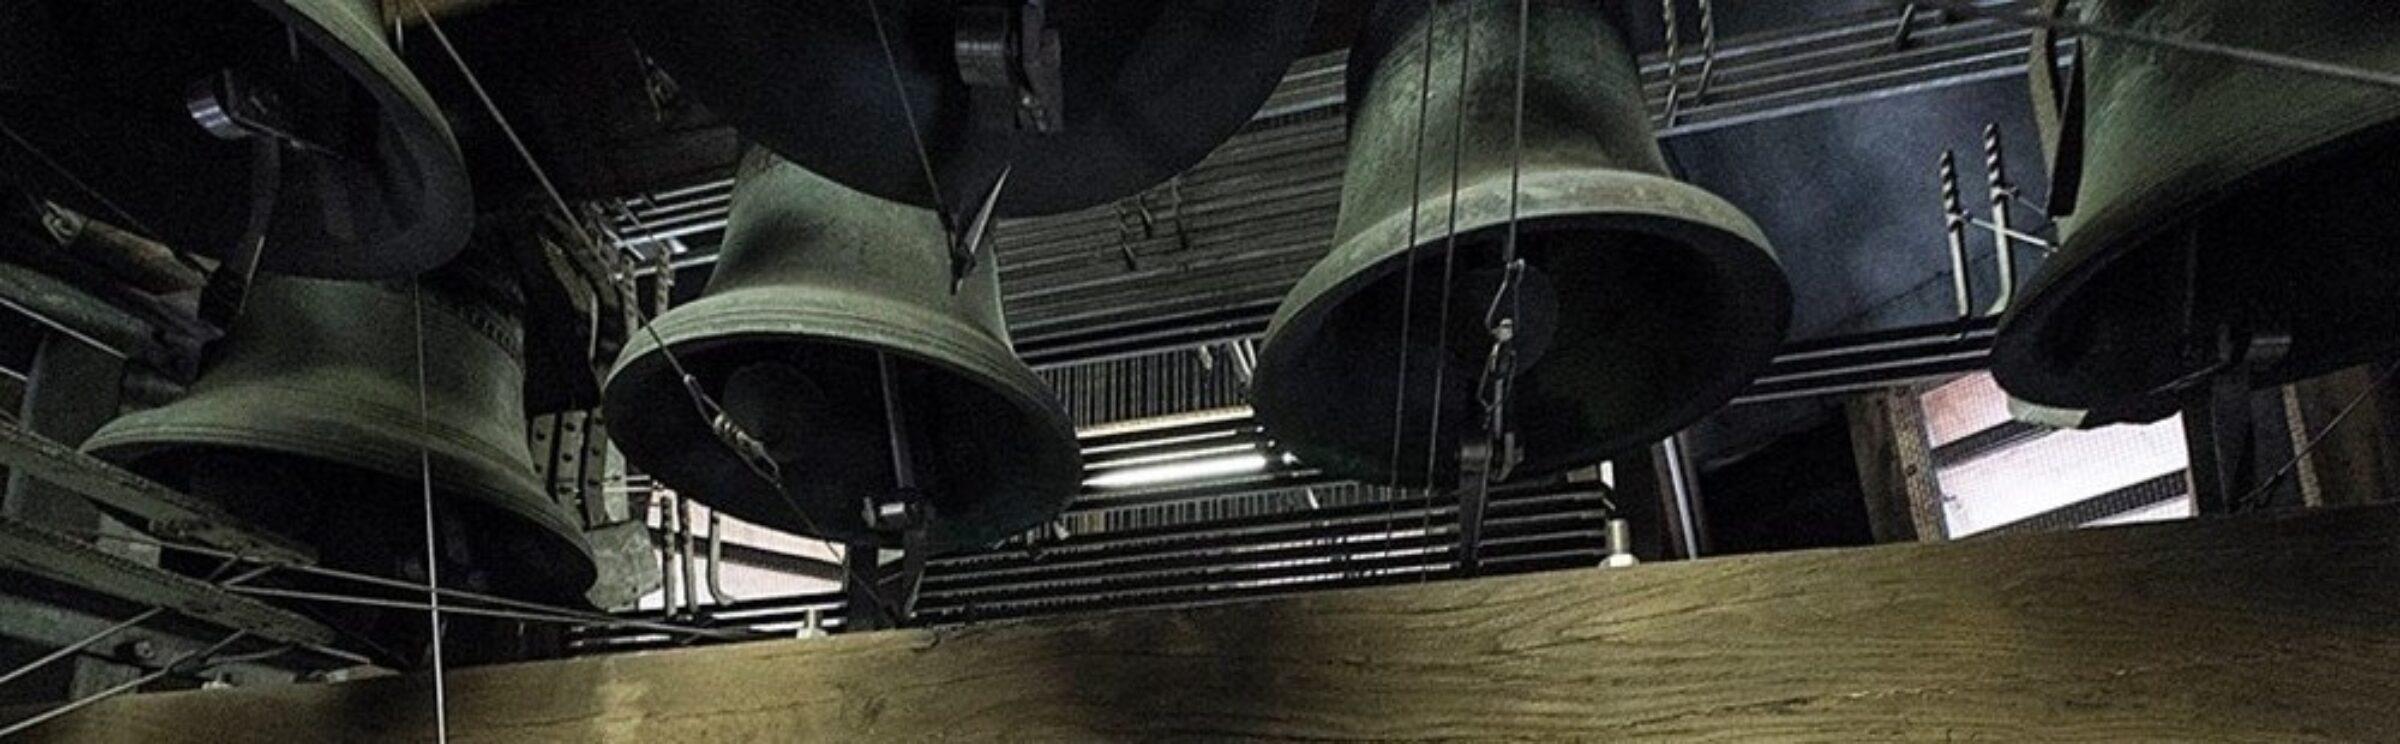 Stads Carillon Enschede 1319 1536220974 35ht2snz8g